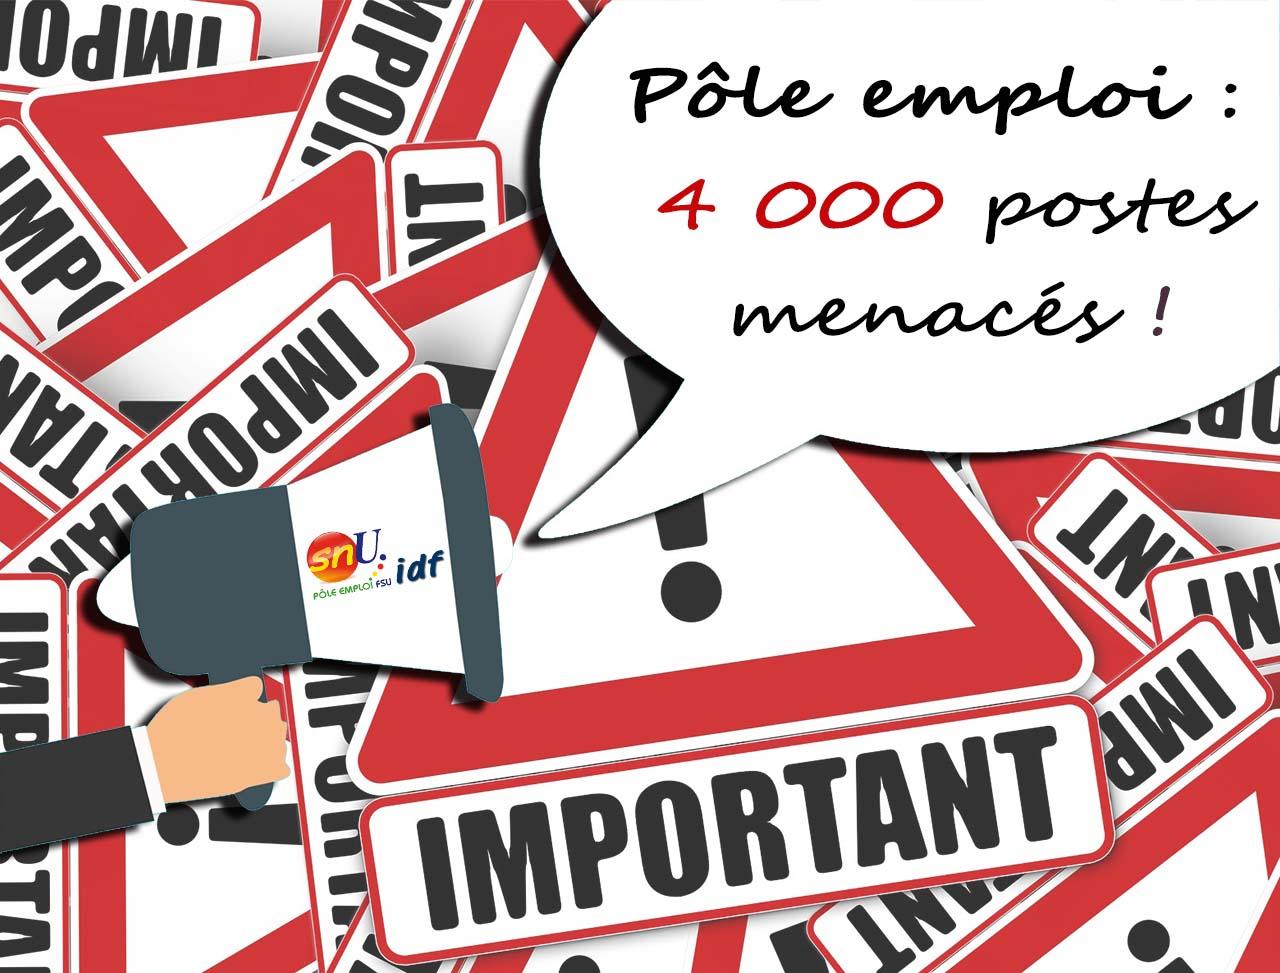 Pôle emploi : 4 000 postes menacés par la baisse du chômage